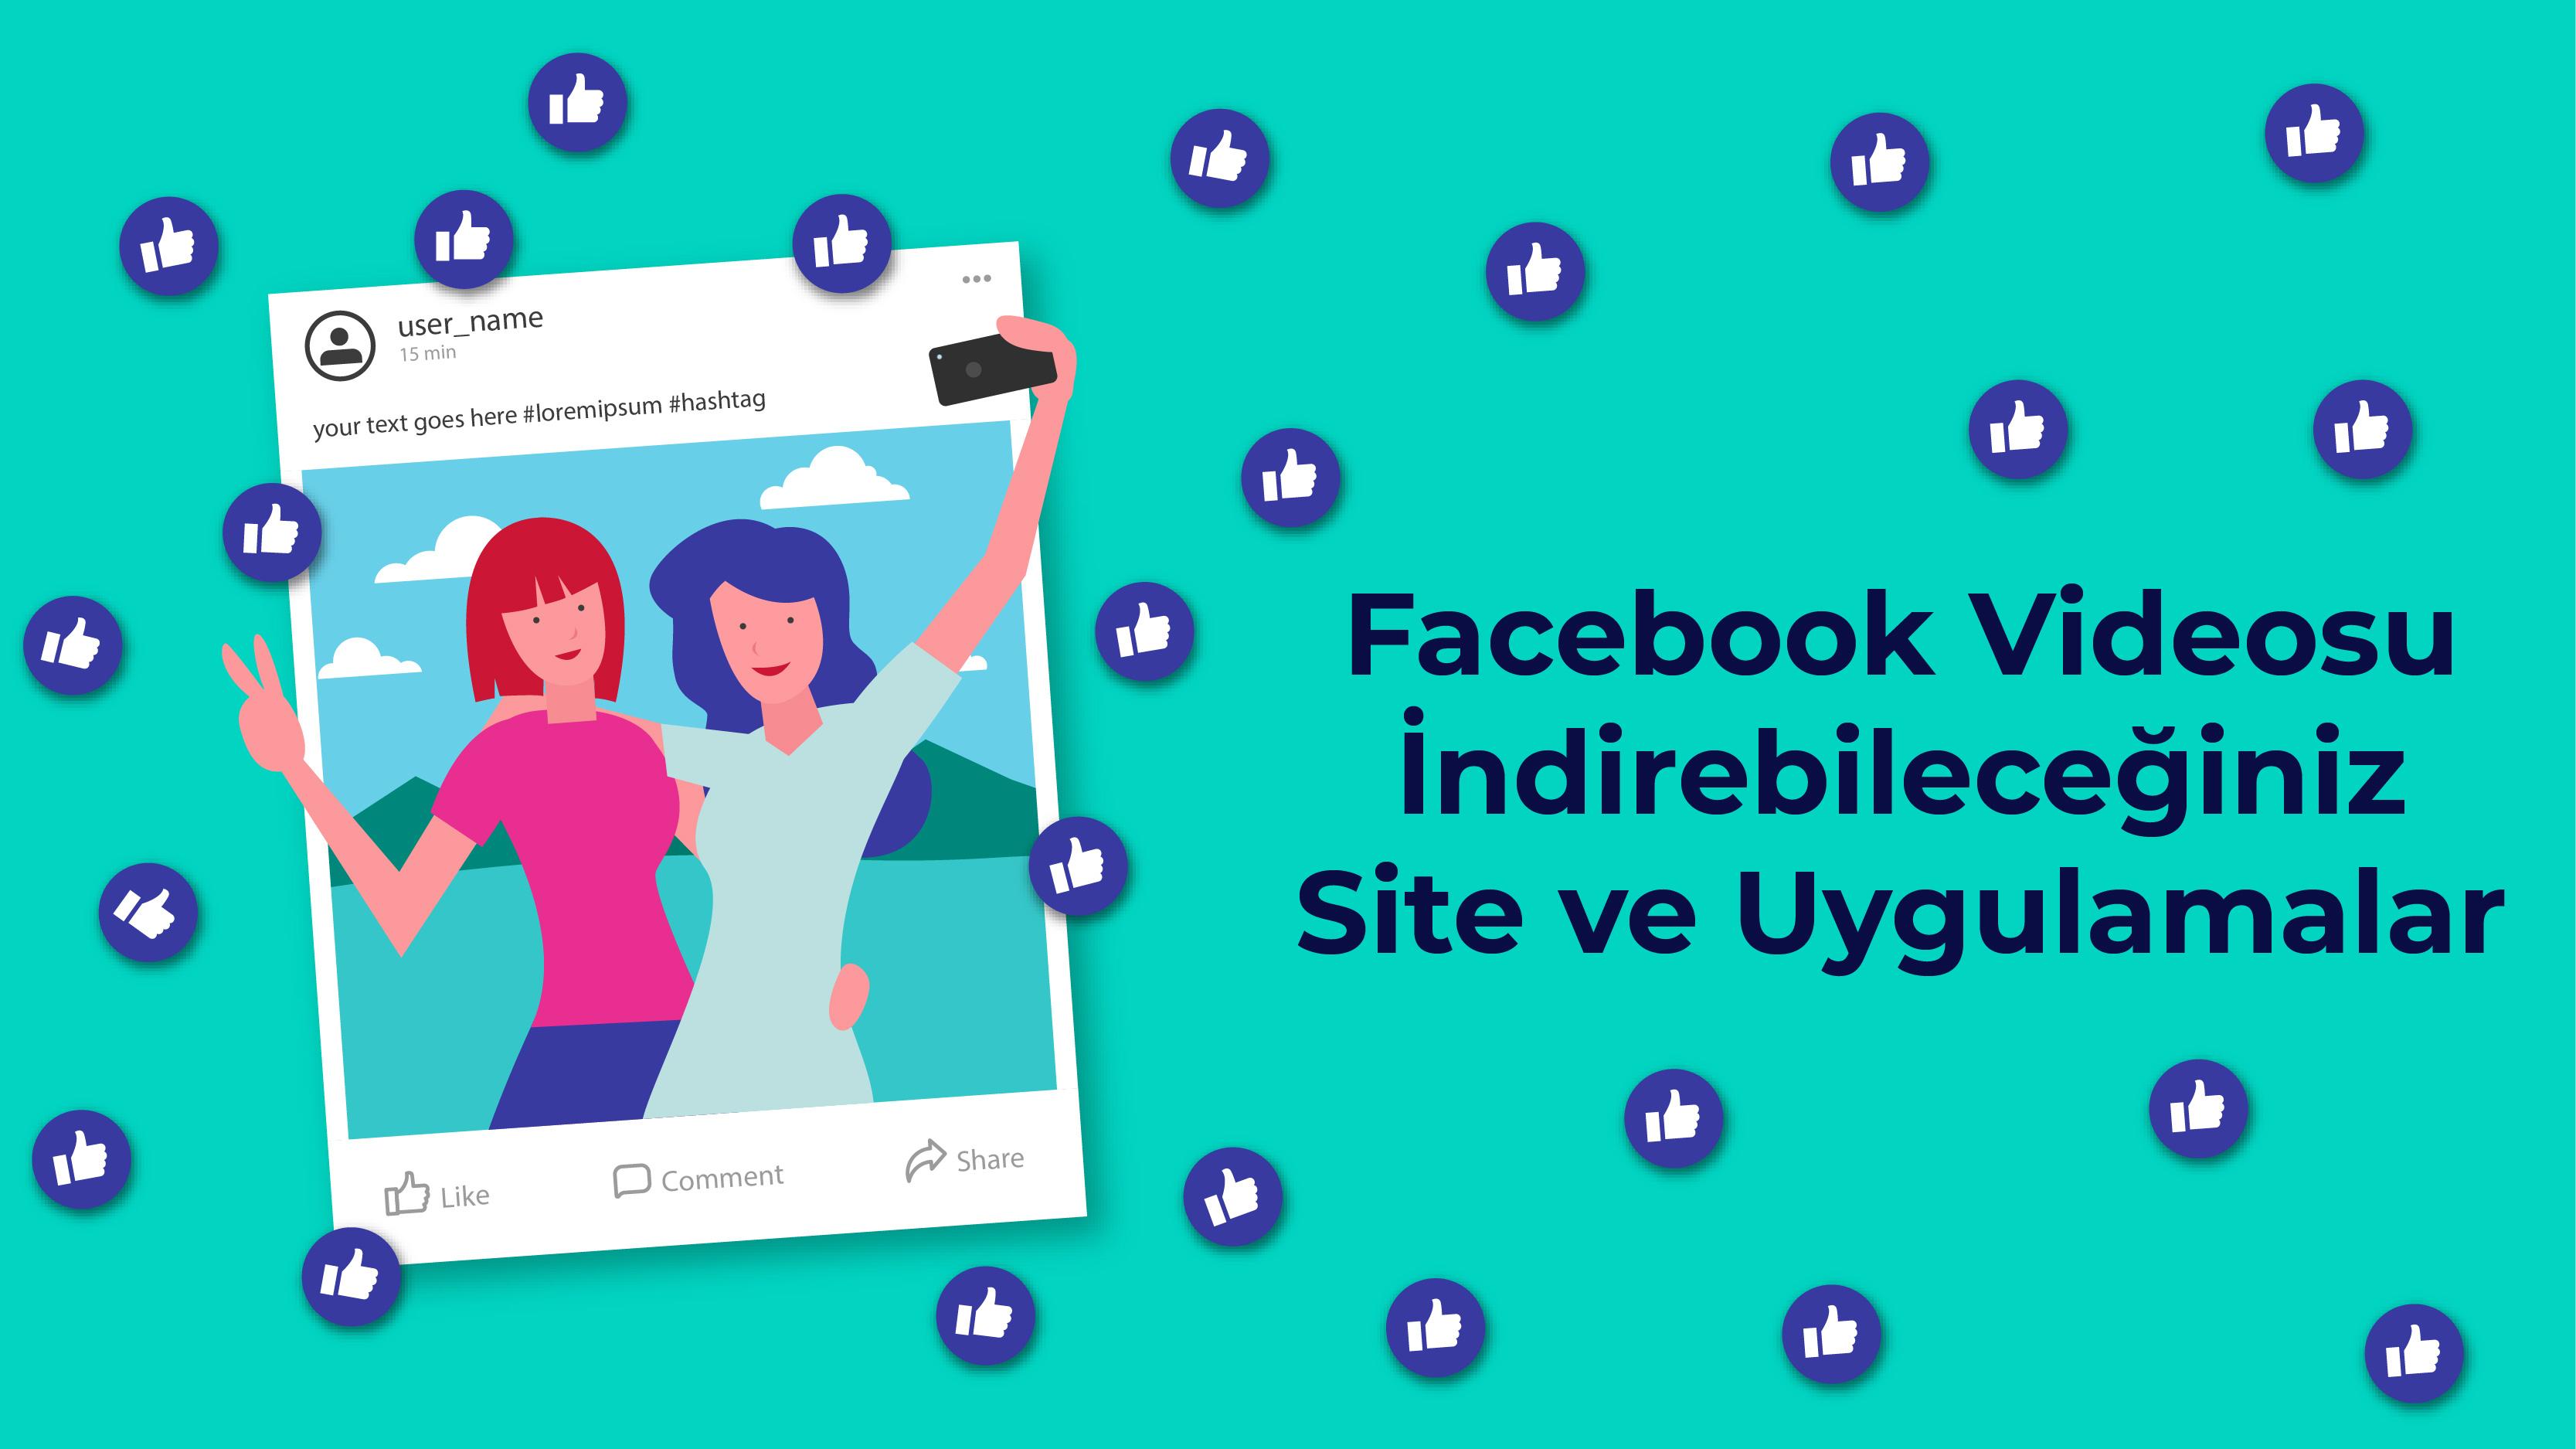 Facebook Videosu İndirebileceğiniz Site ve Uygulamalar